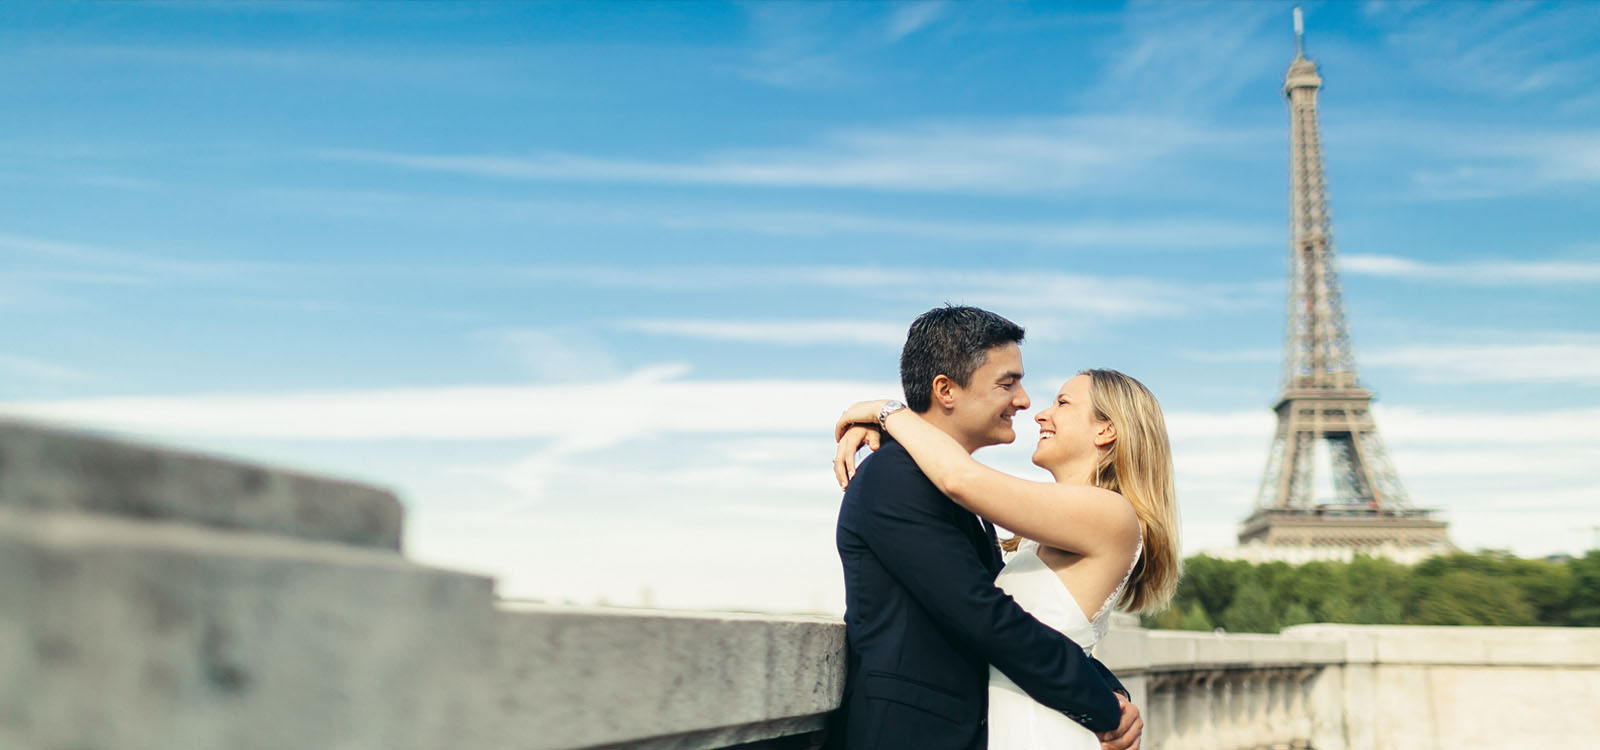 svadebniy-fotograf-zagranicey